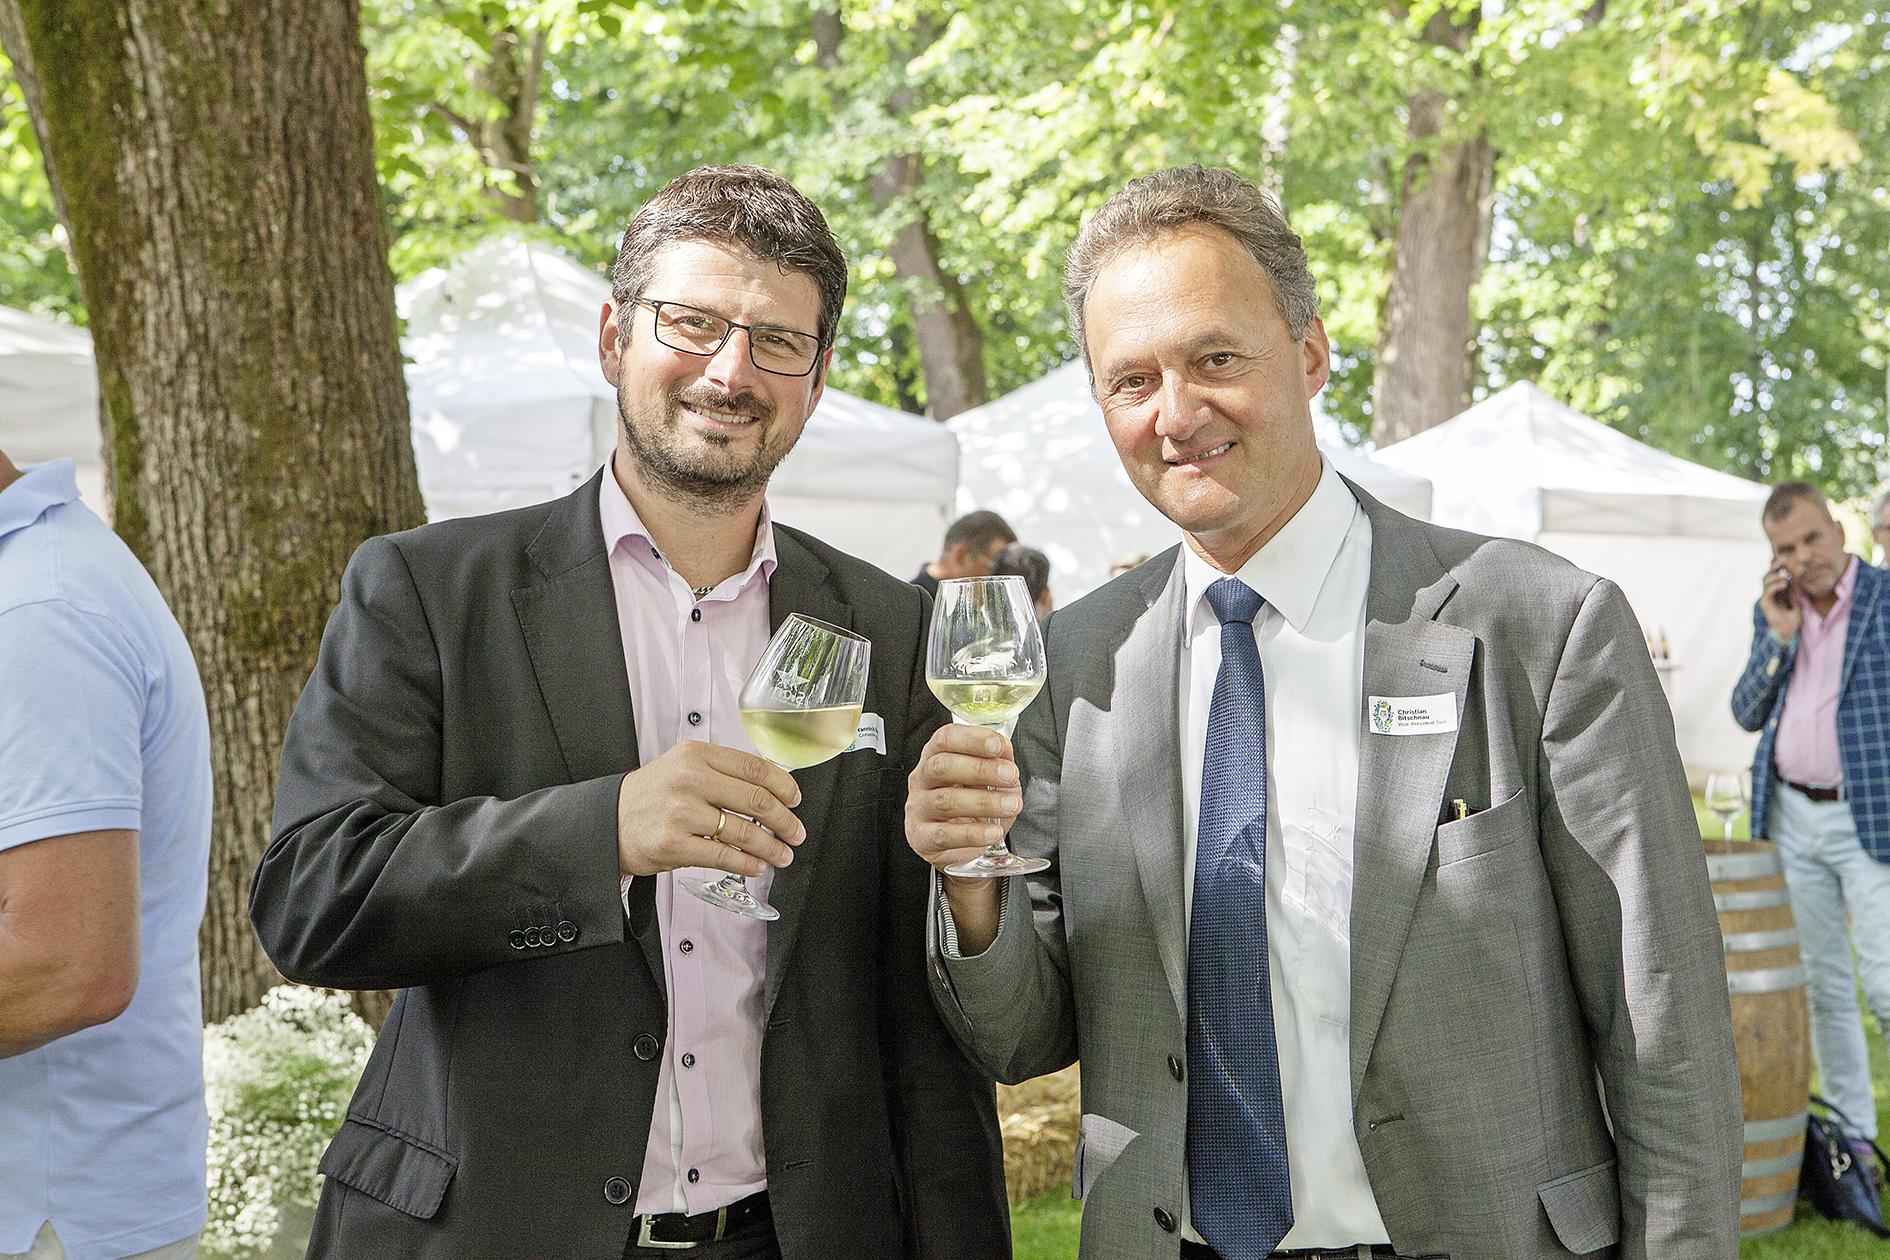 Jardin des vins ist in bern angekommen for Jardin des vins 2016 sion